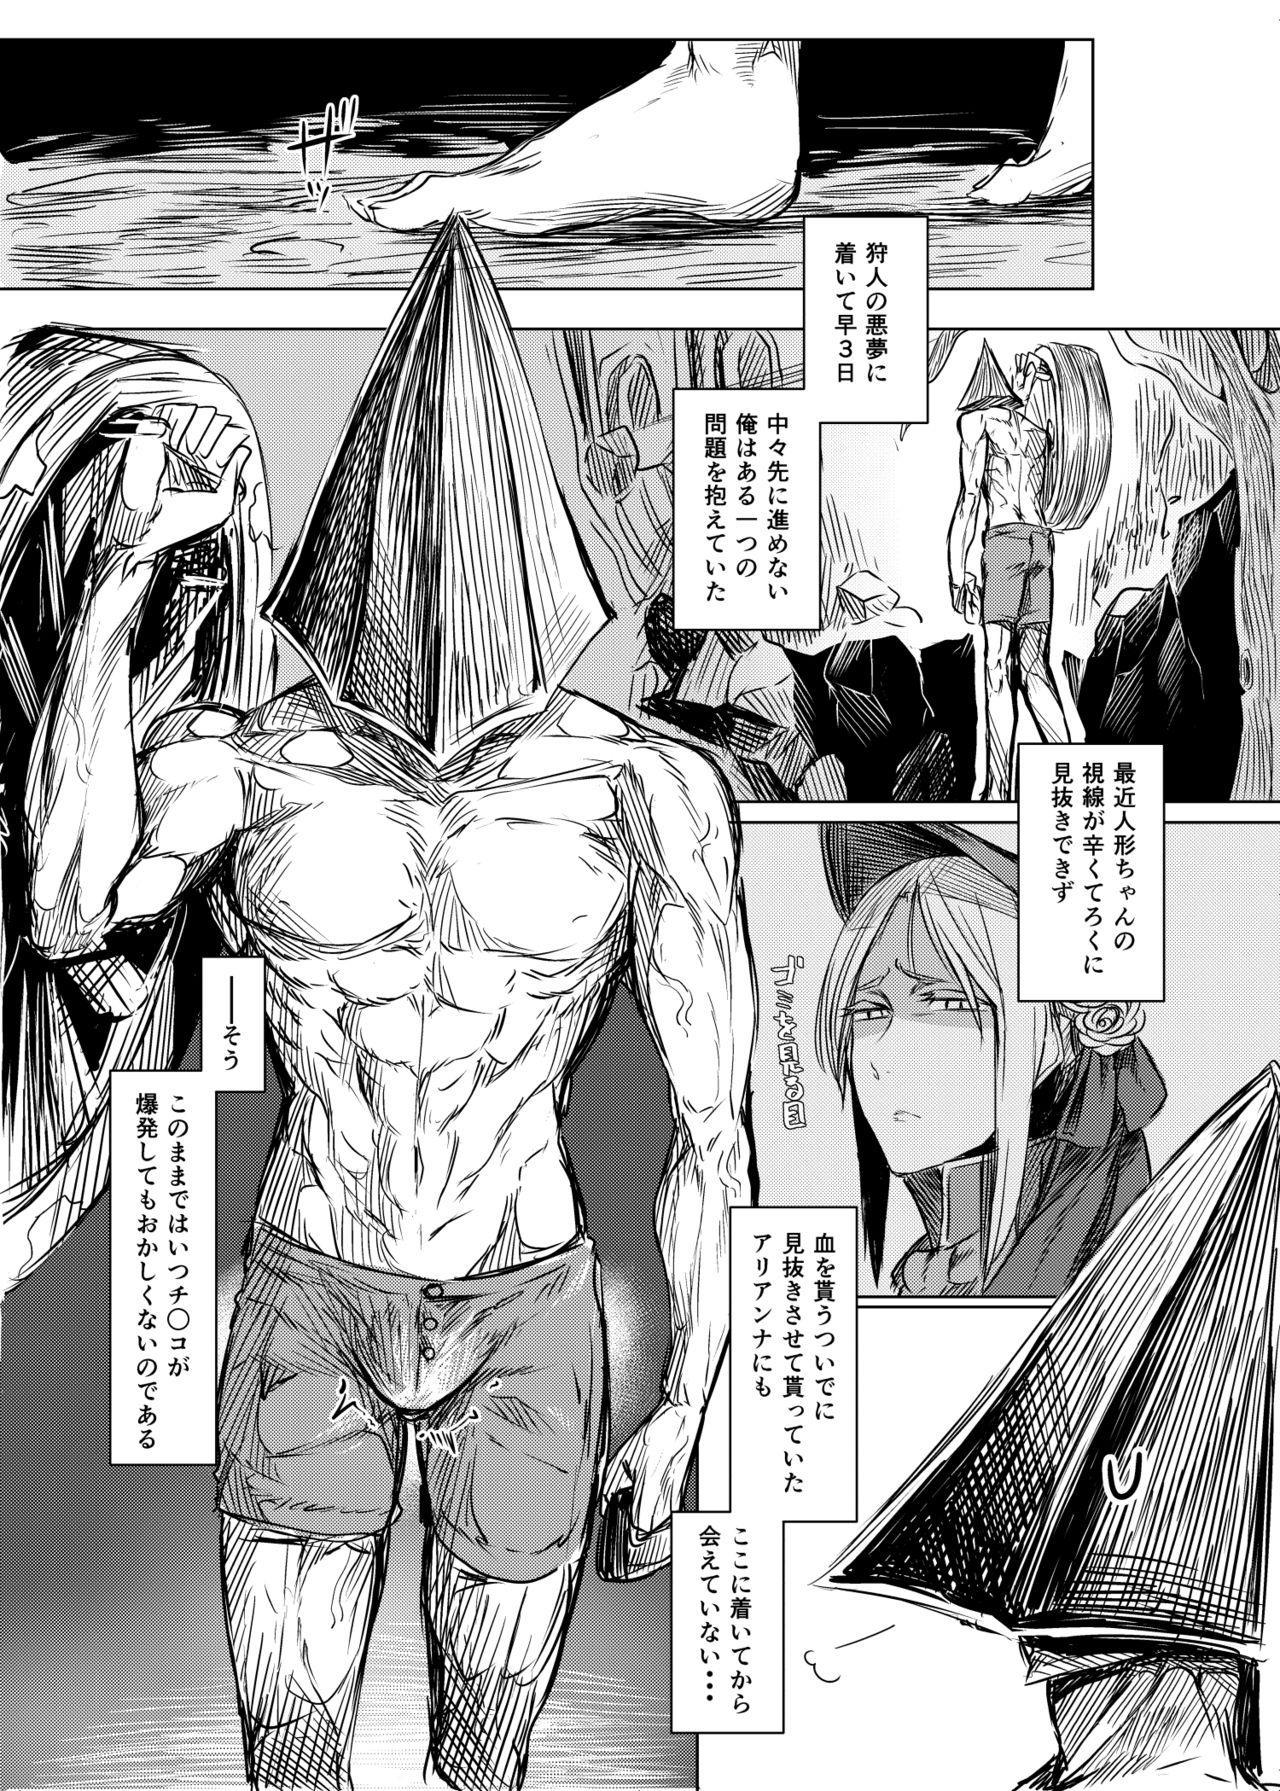 BloBo Ero Manga 0